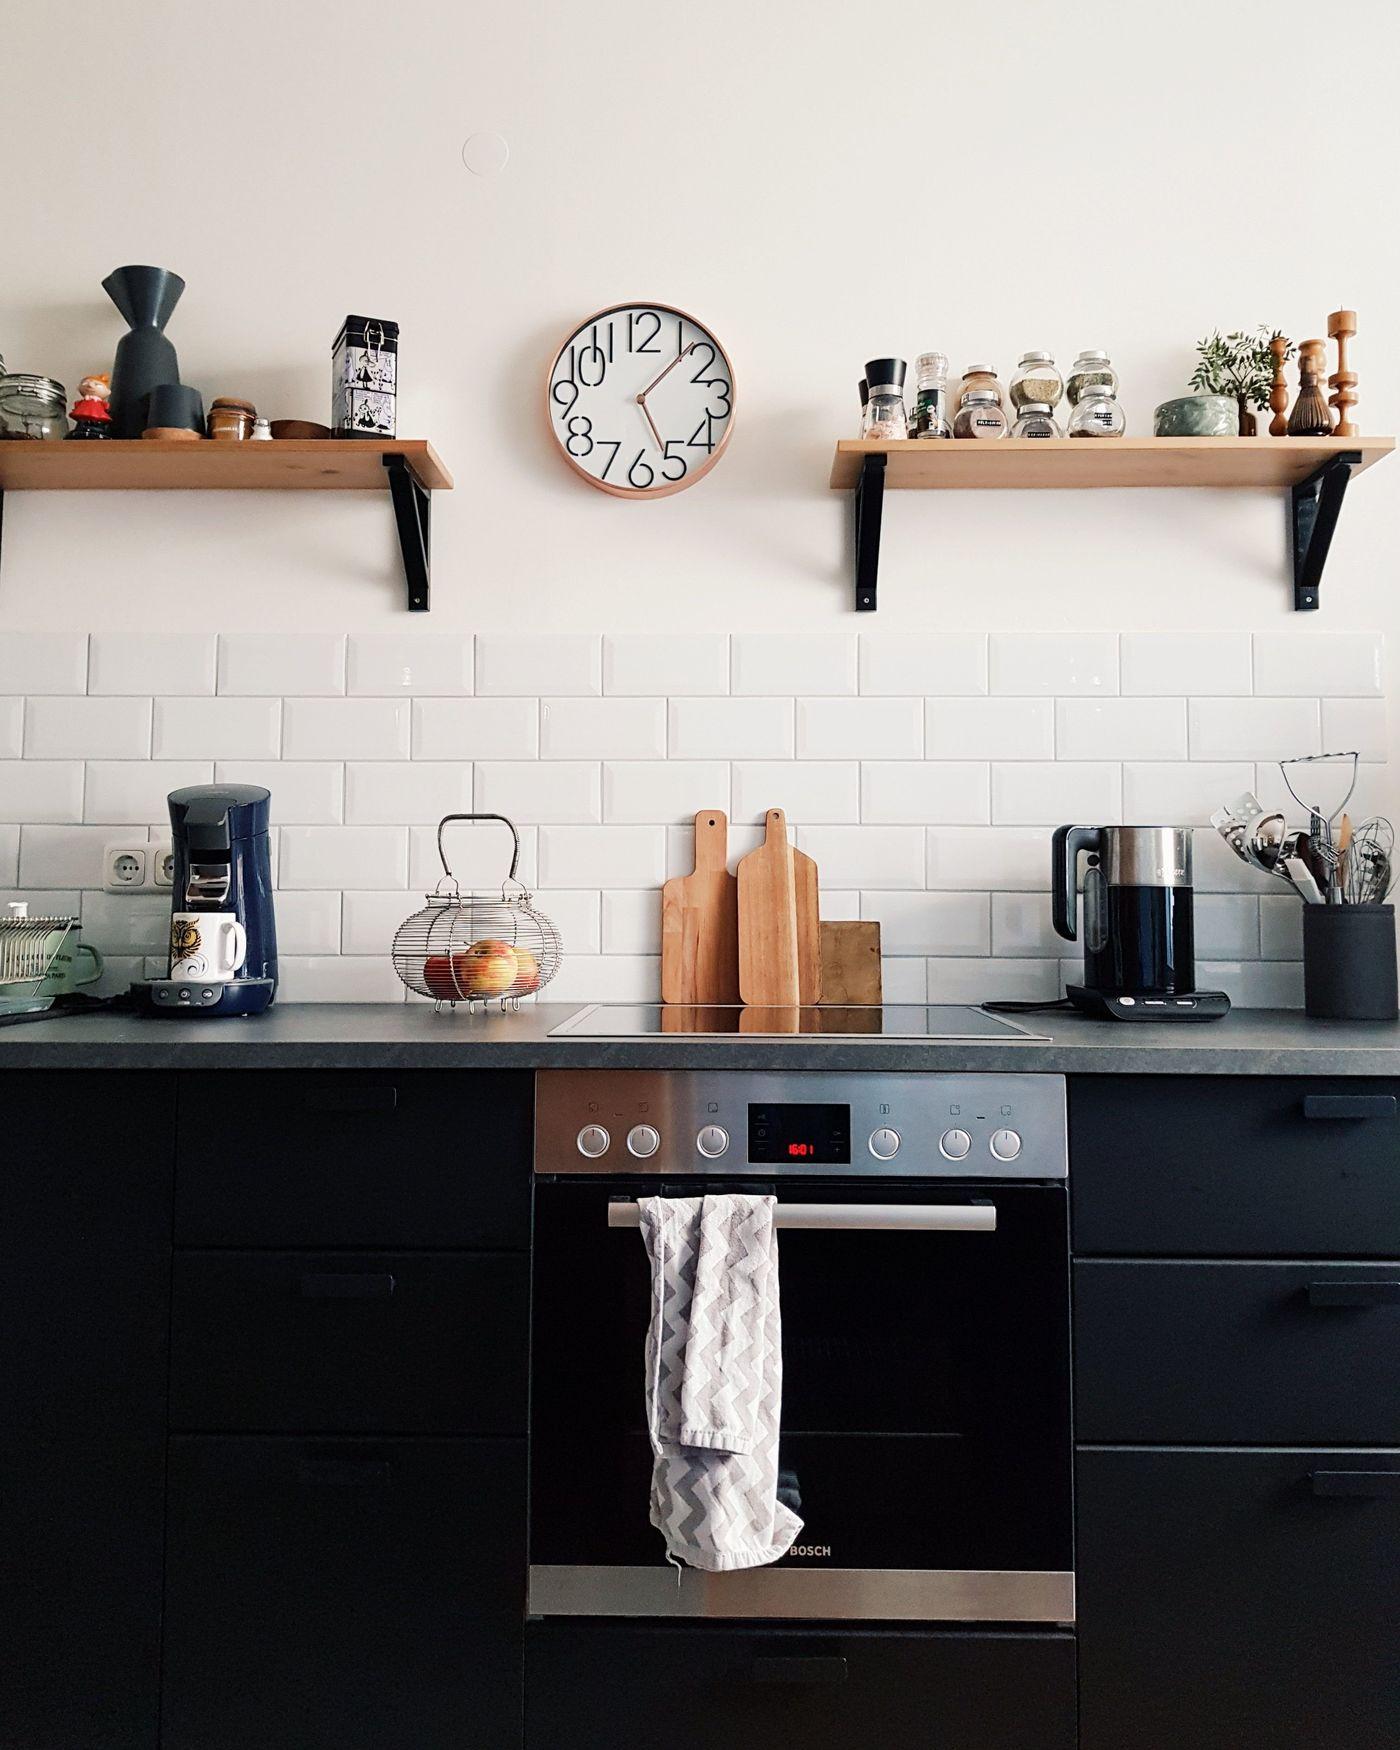 Full Size of Hängeschrank Küche Glas Kchenrckwand Materialien Industrie Miniküche Was Kostet Eine Led Deckenleuchte Nischenrückwand Niederdruck Armatur Eckschrank Wohnzimmer Hängeschrank Küche Glas